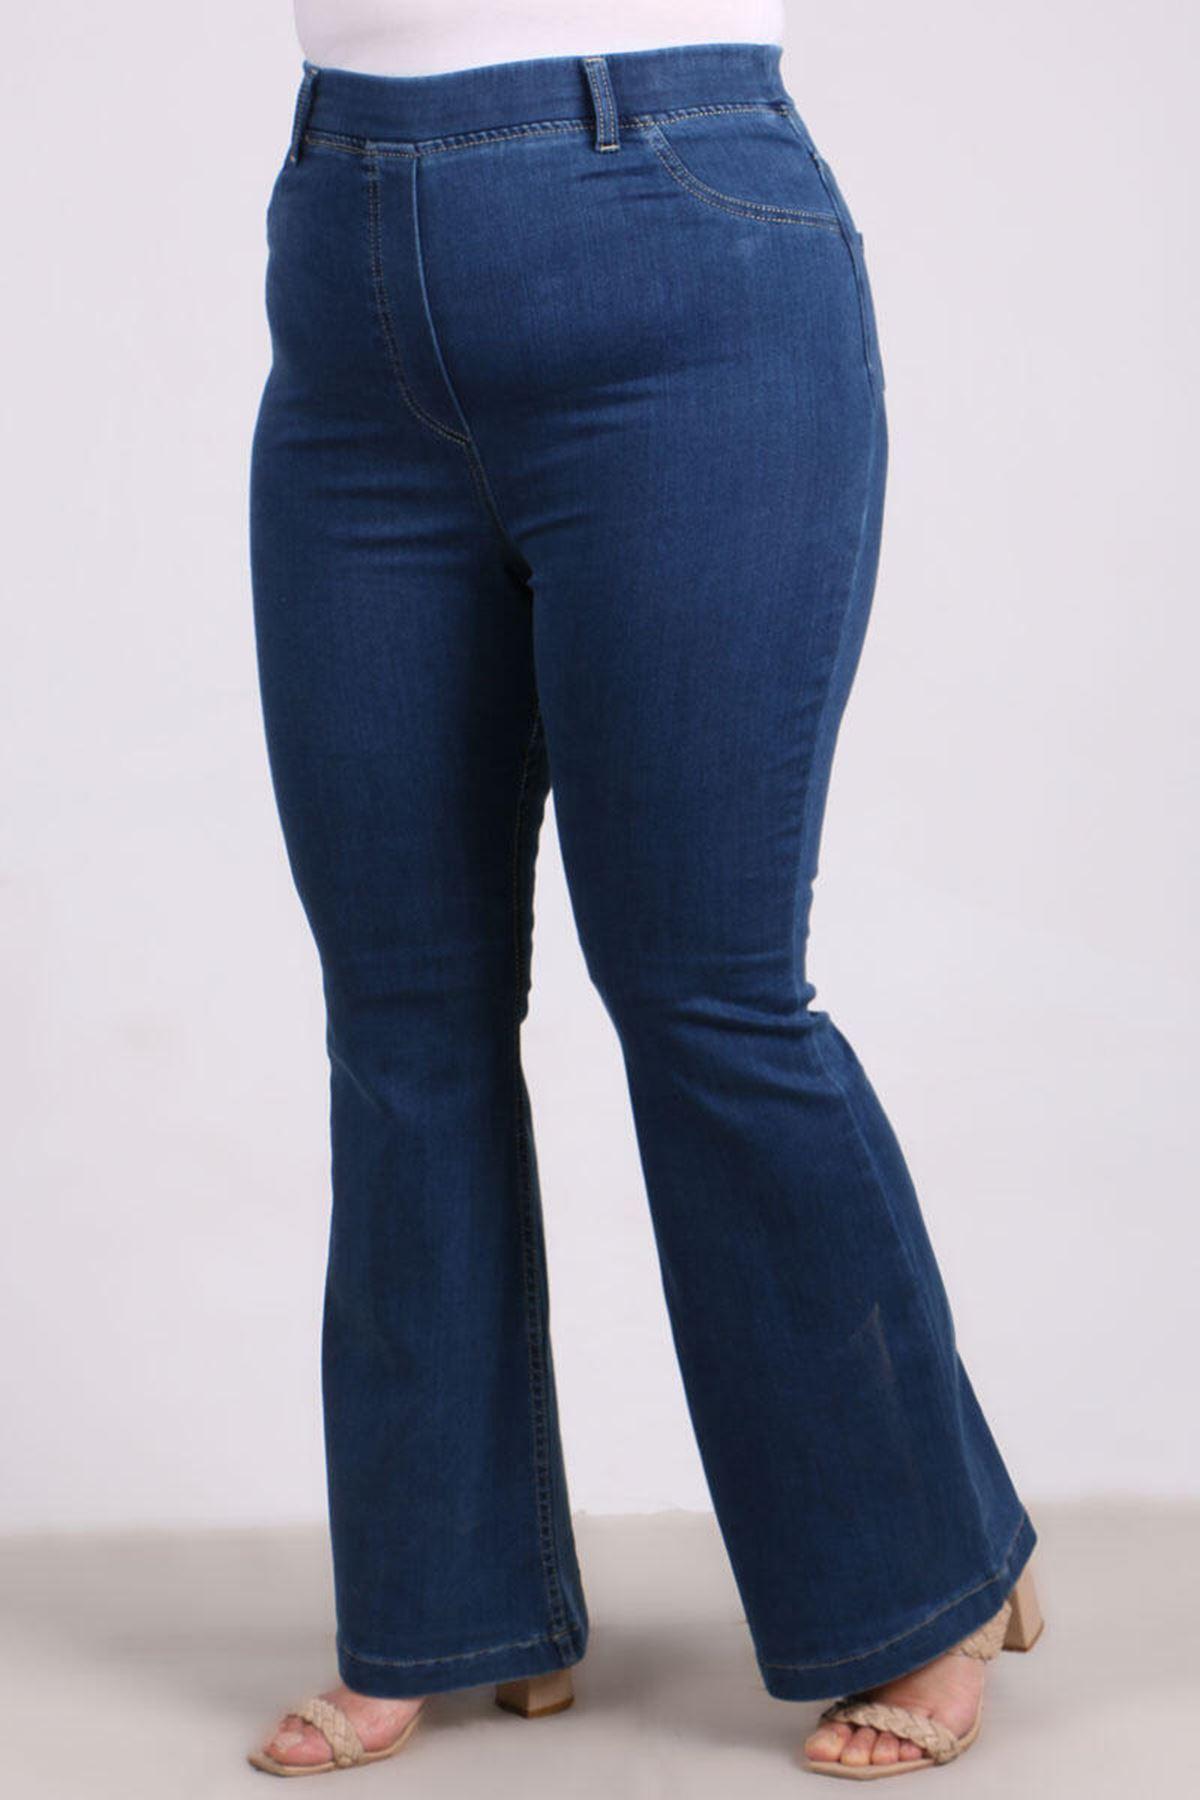 D-9137-1 Büyük Beden Defolu Beli Lastikli İspanyol Paça Kot Pantalon-Açık Mavi